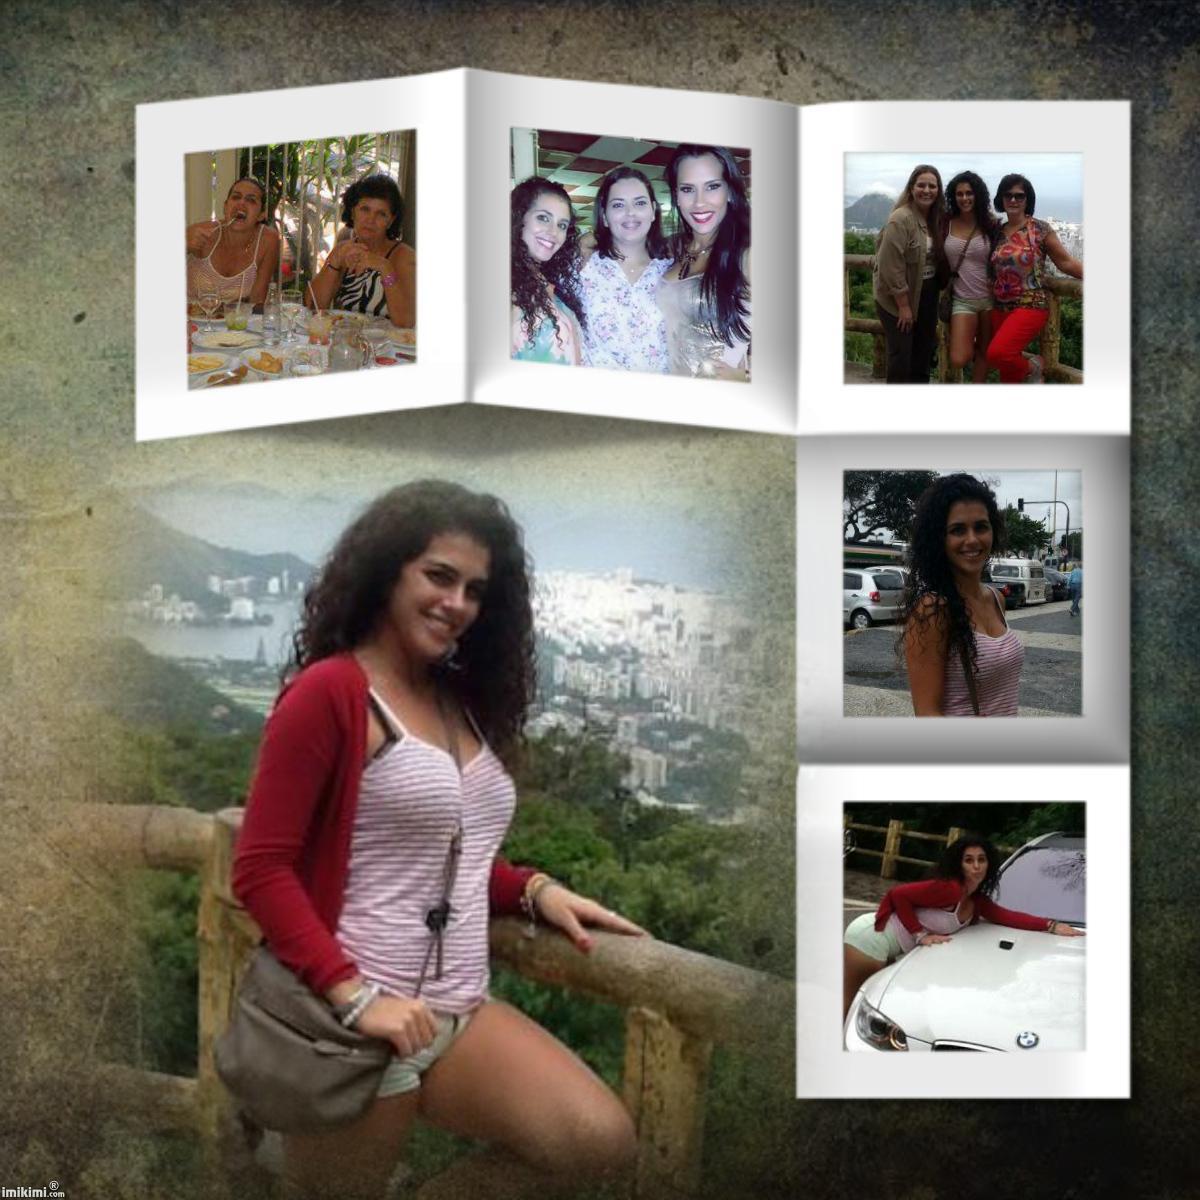 Los  collages y fotomontajes # 03 - Página 5 CEl7xERW0AAtNv_